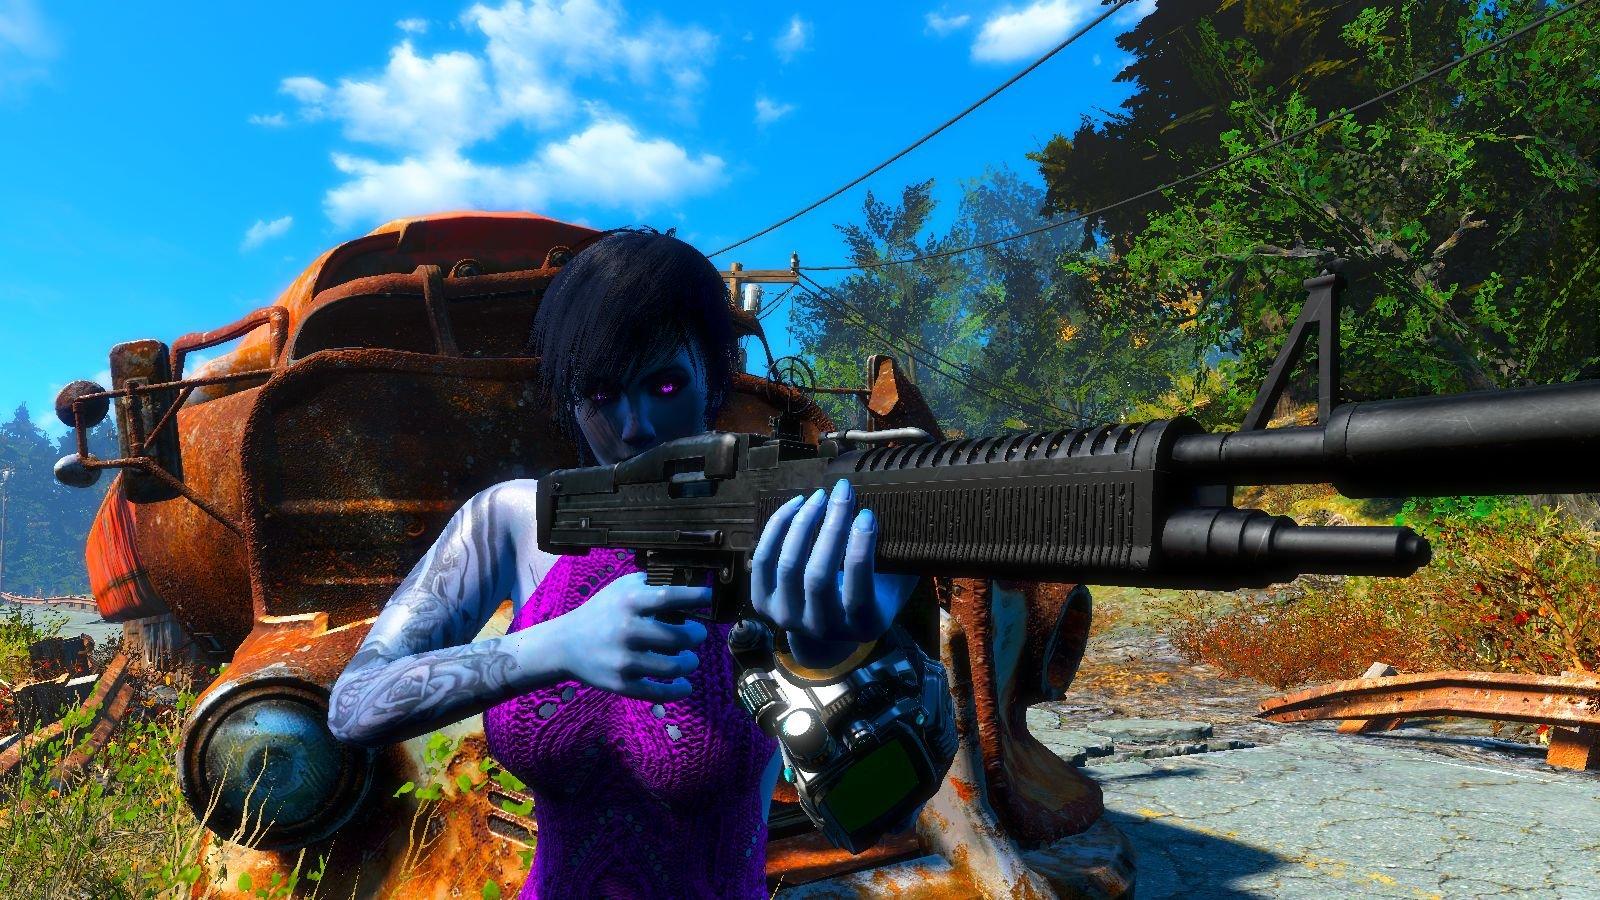 А моя Демка в Fallout4 с другой пушкой бегает!